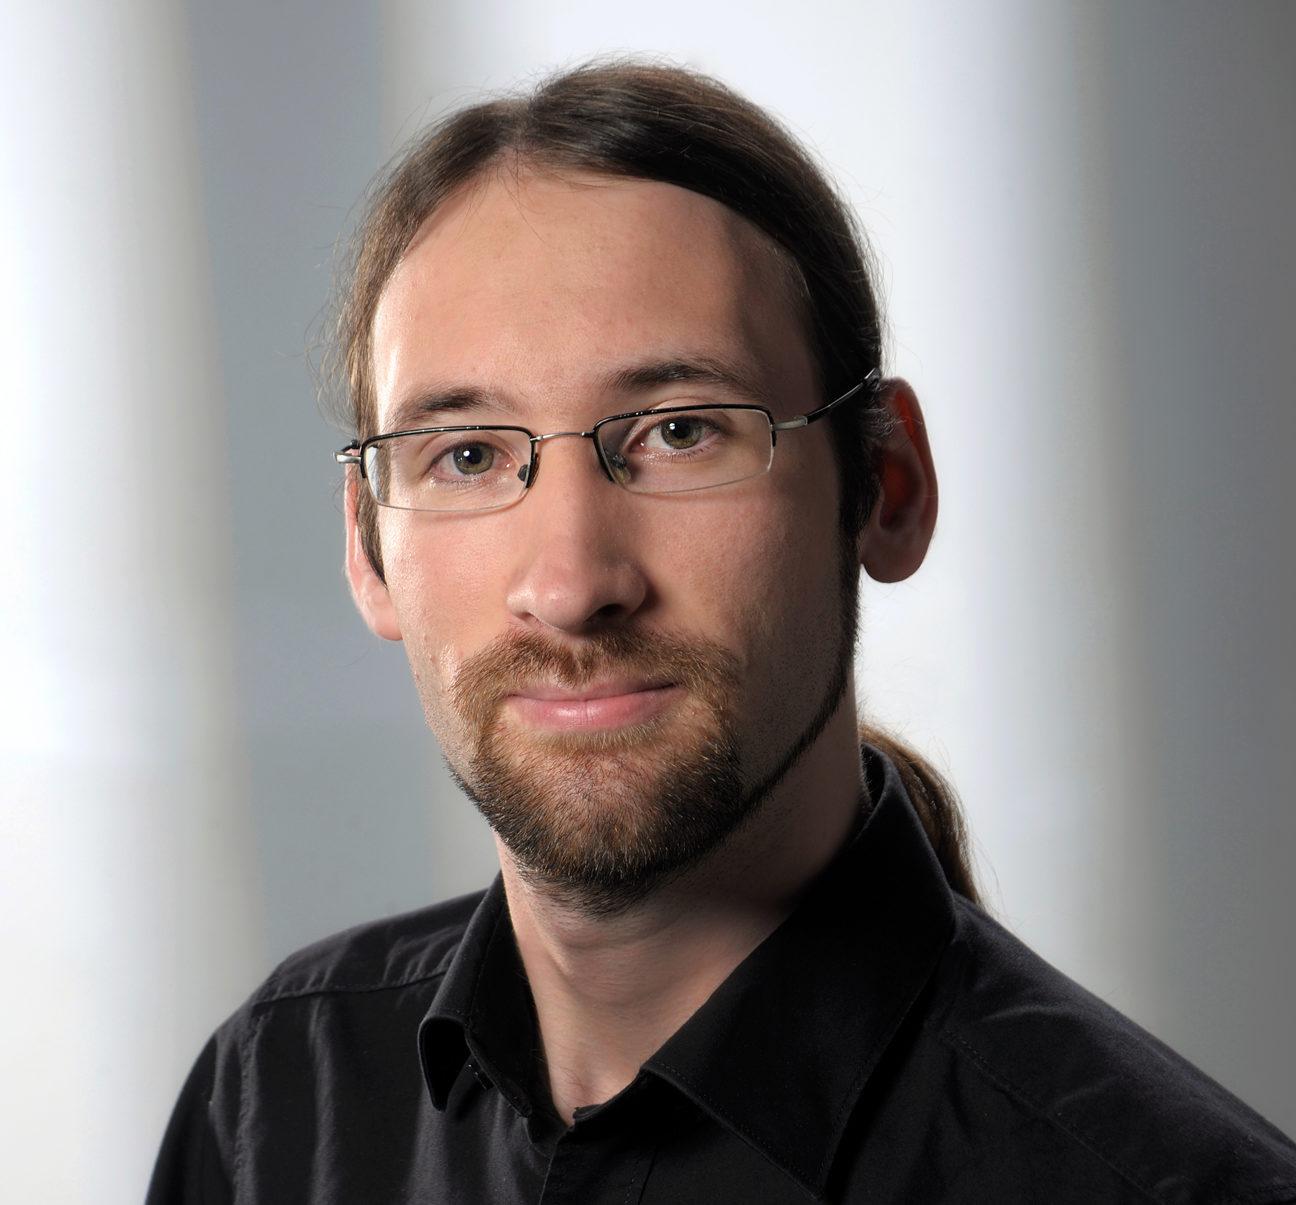 Bernd Bassimir